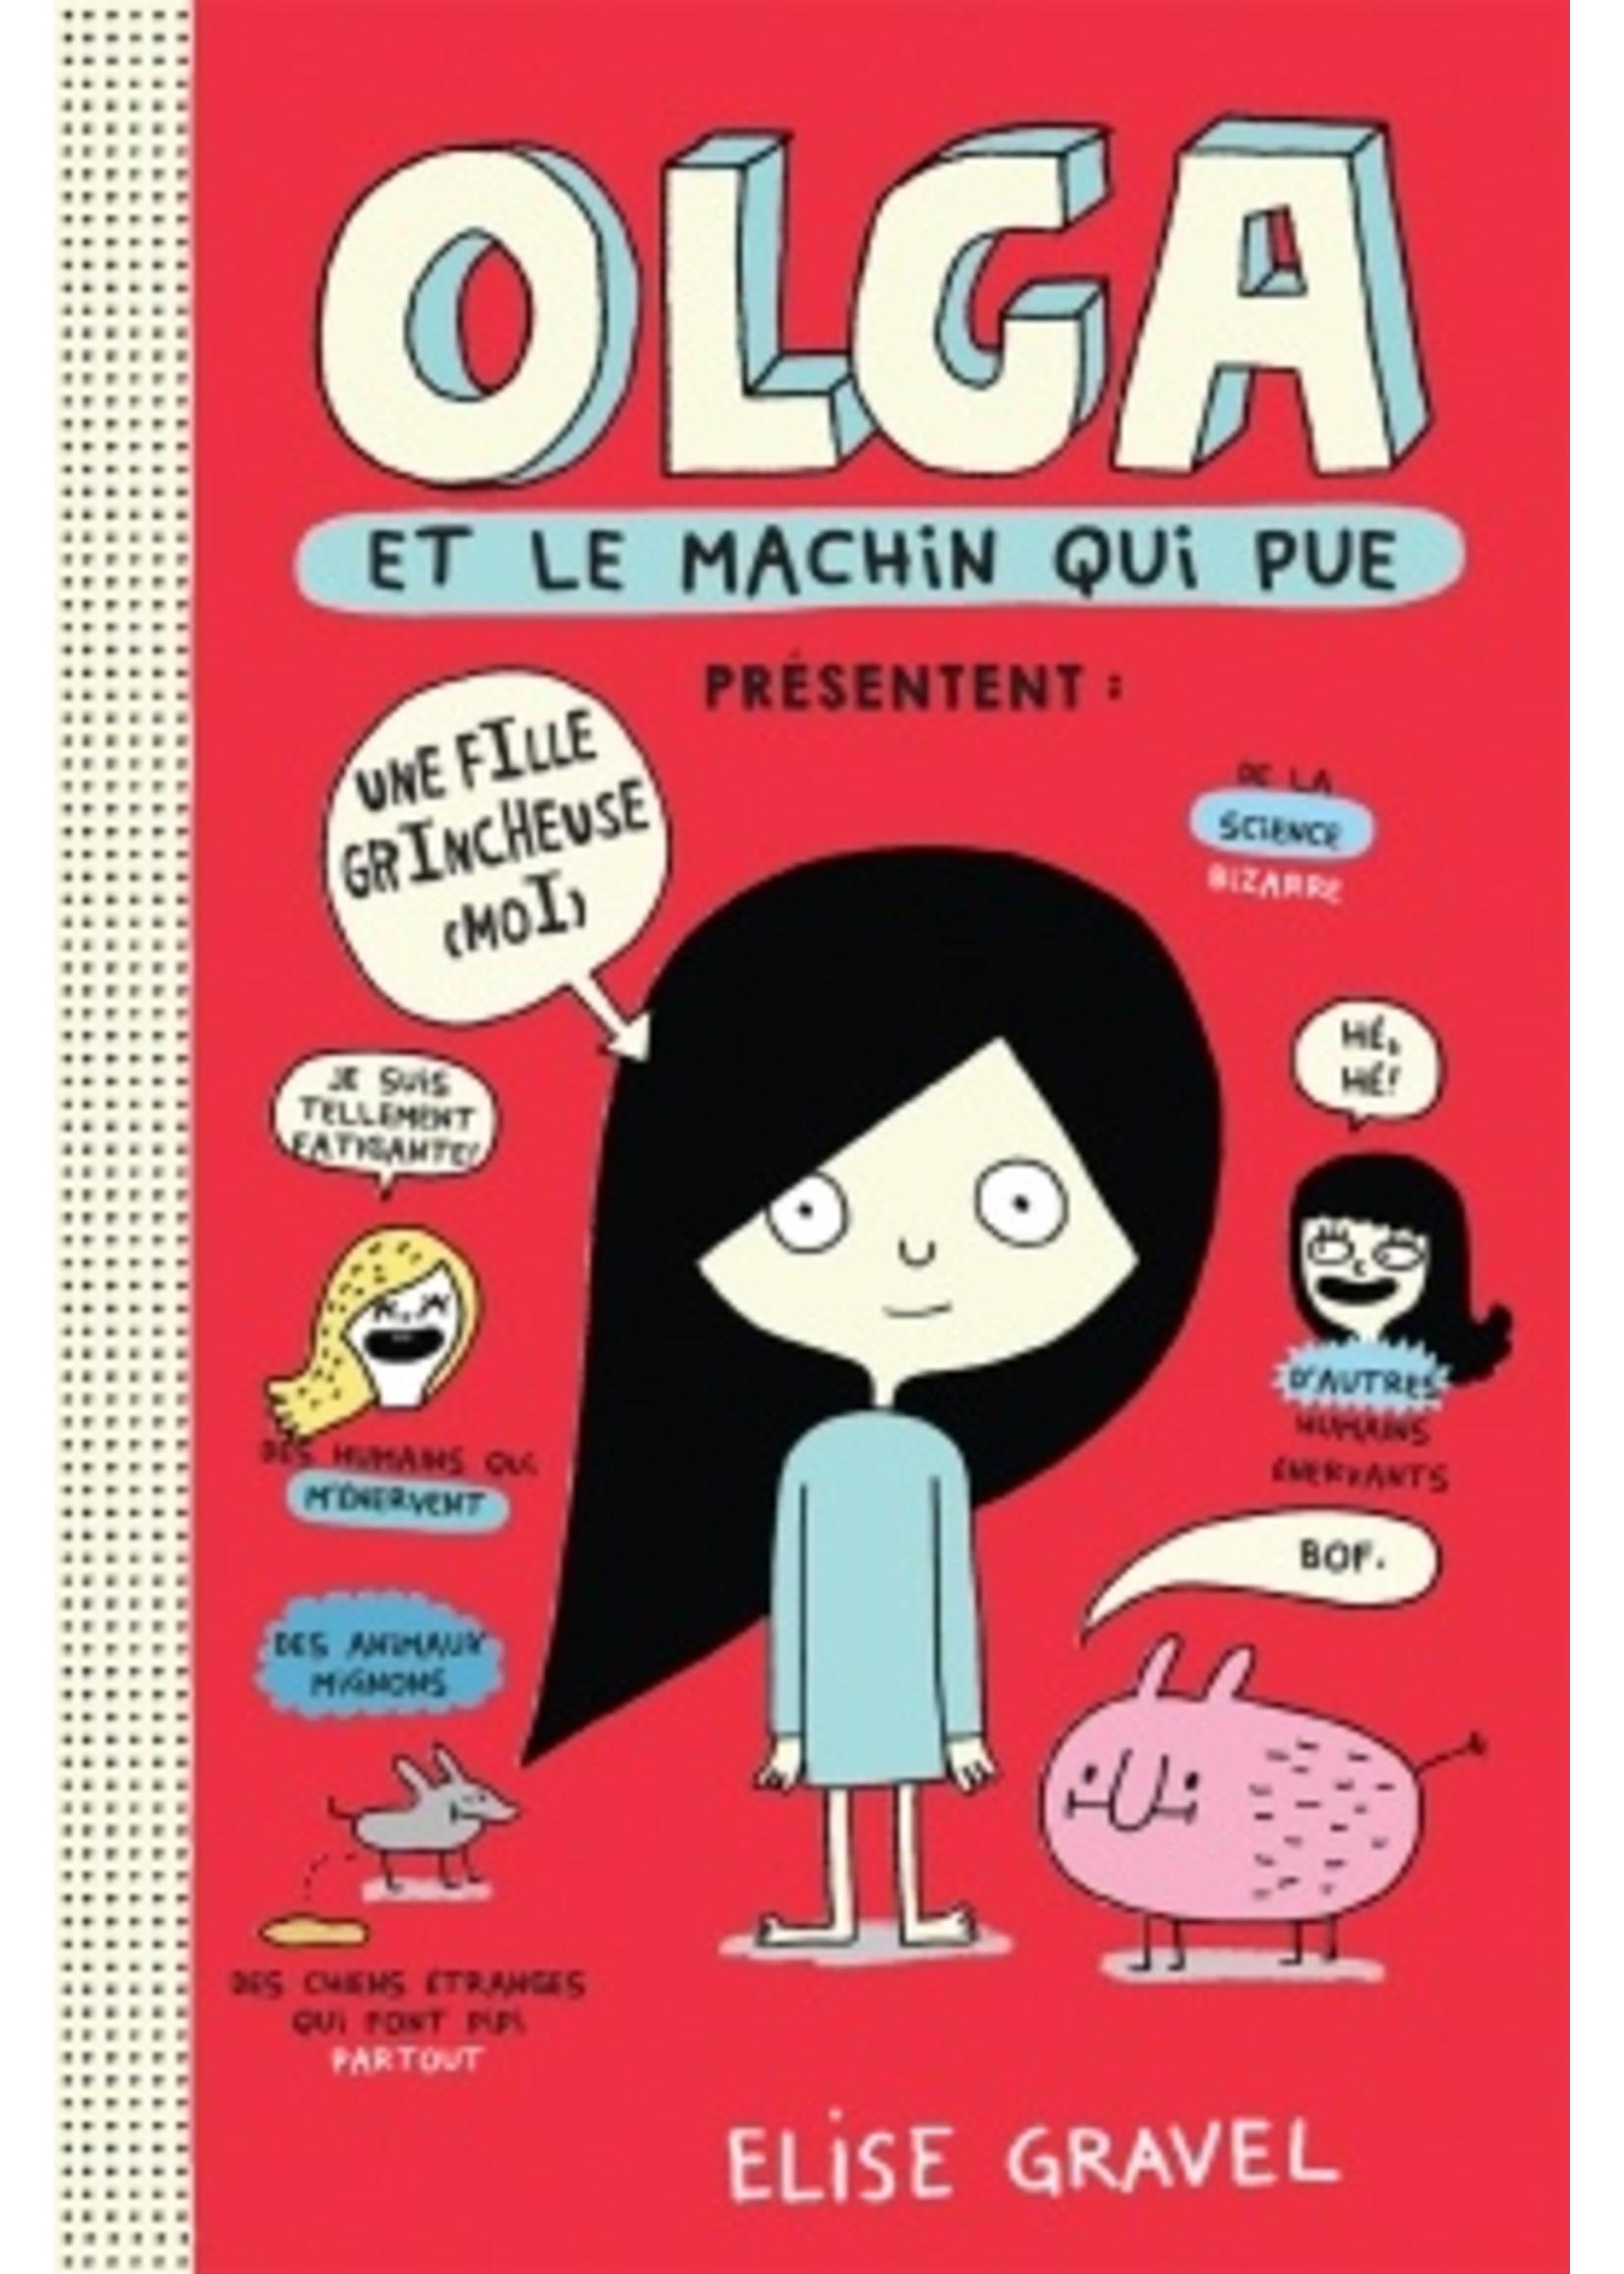 Scholastic Olga et le machin qui pue